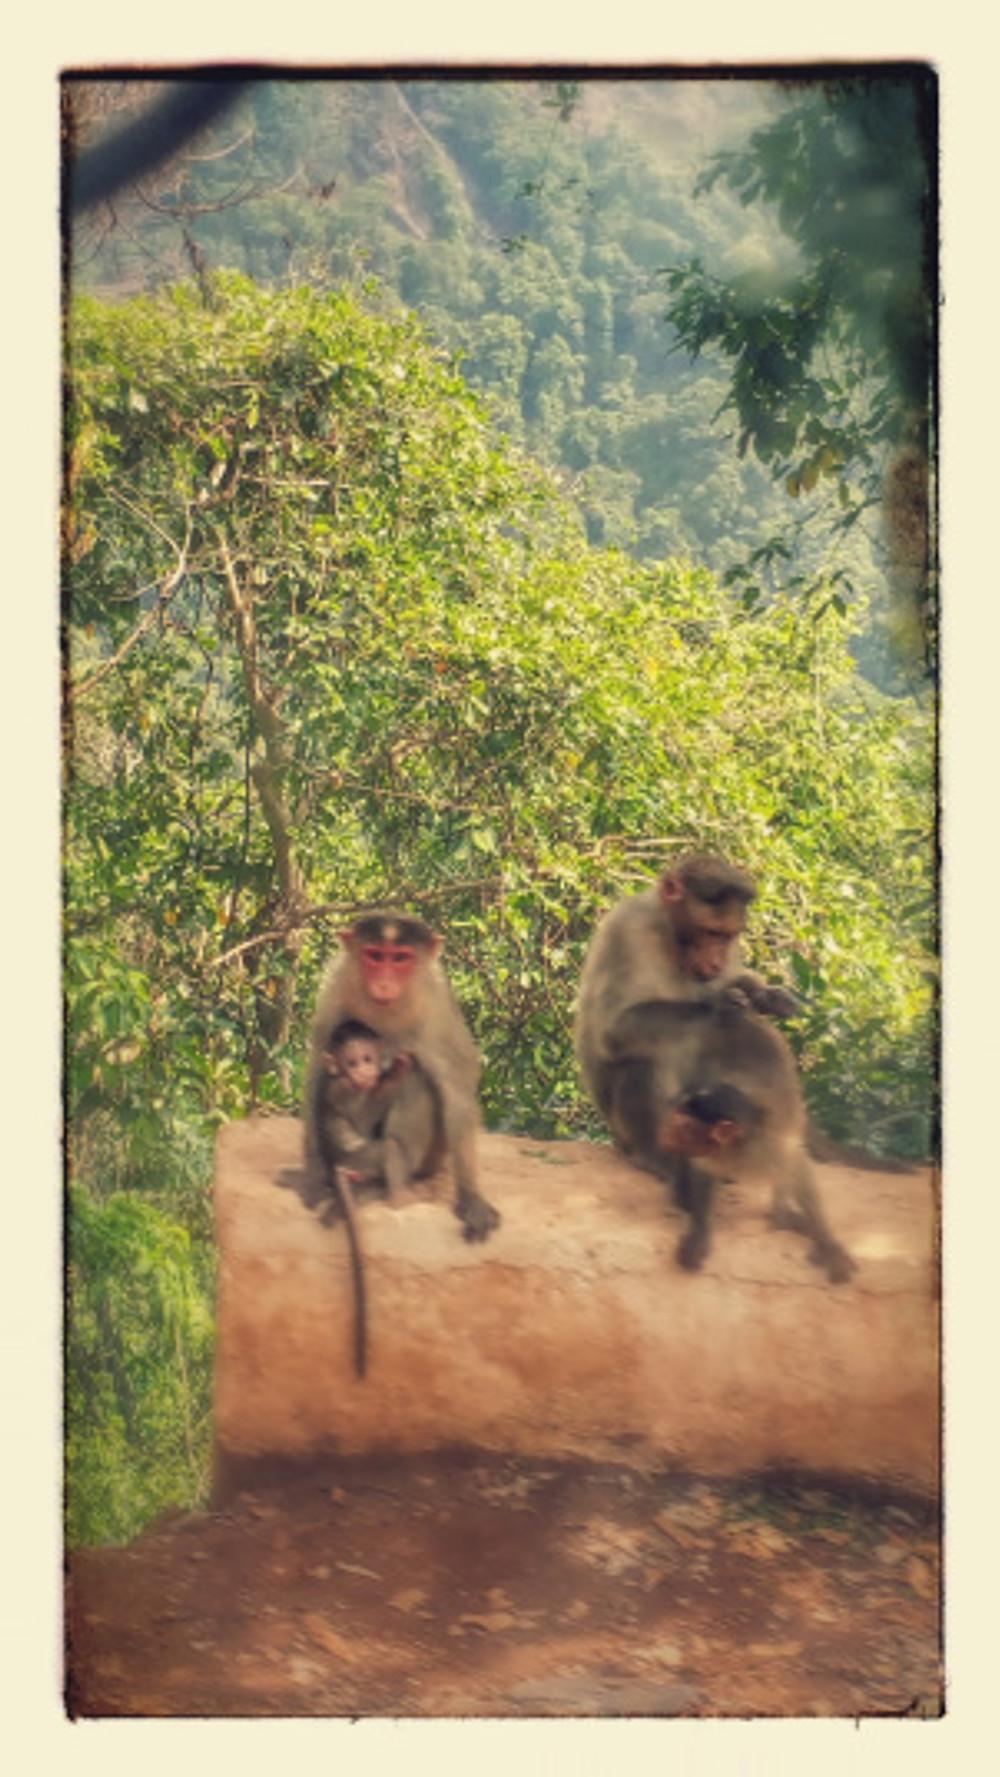 Monkey family - so cute!